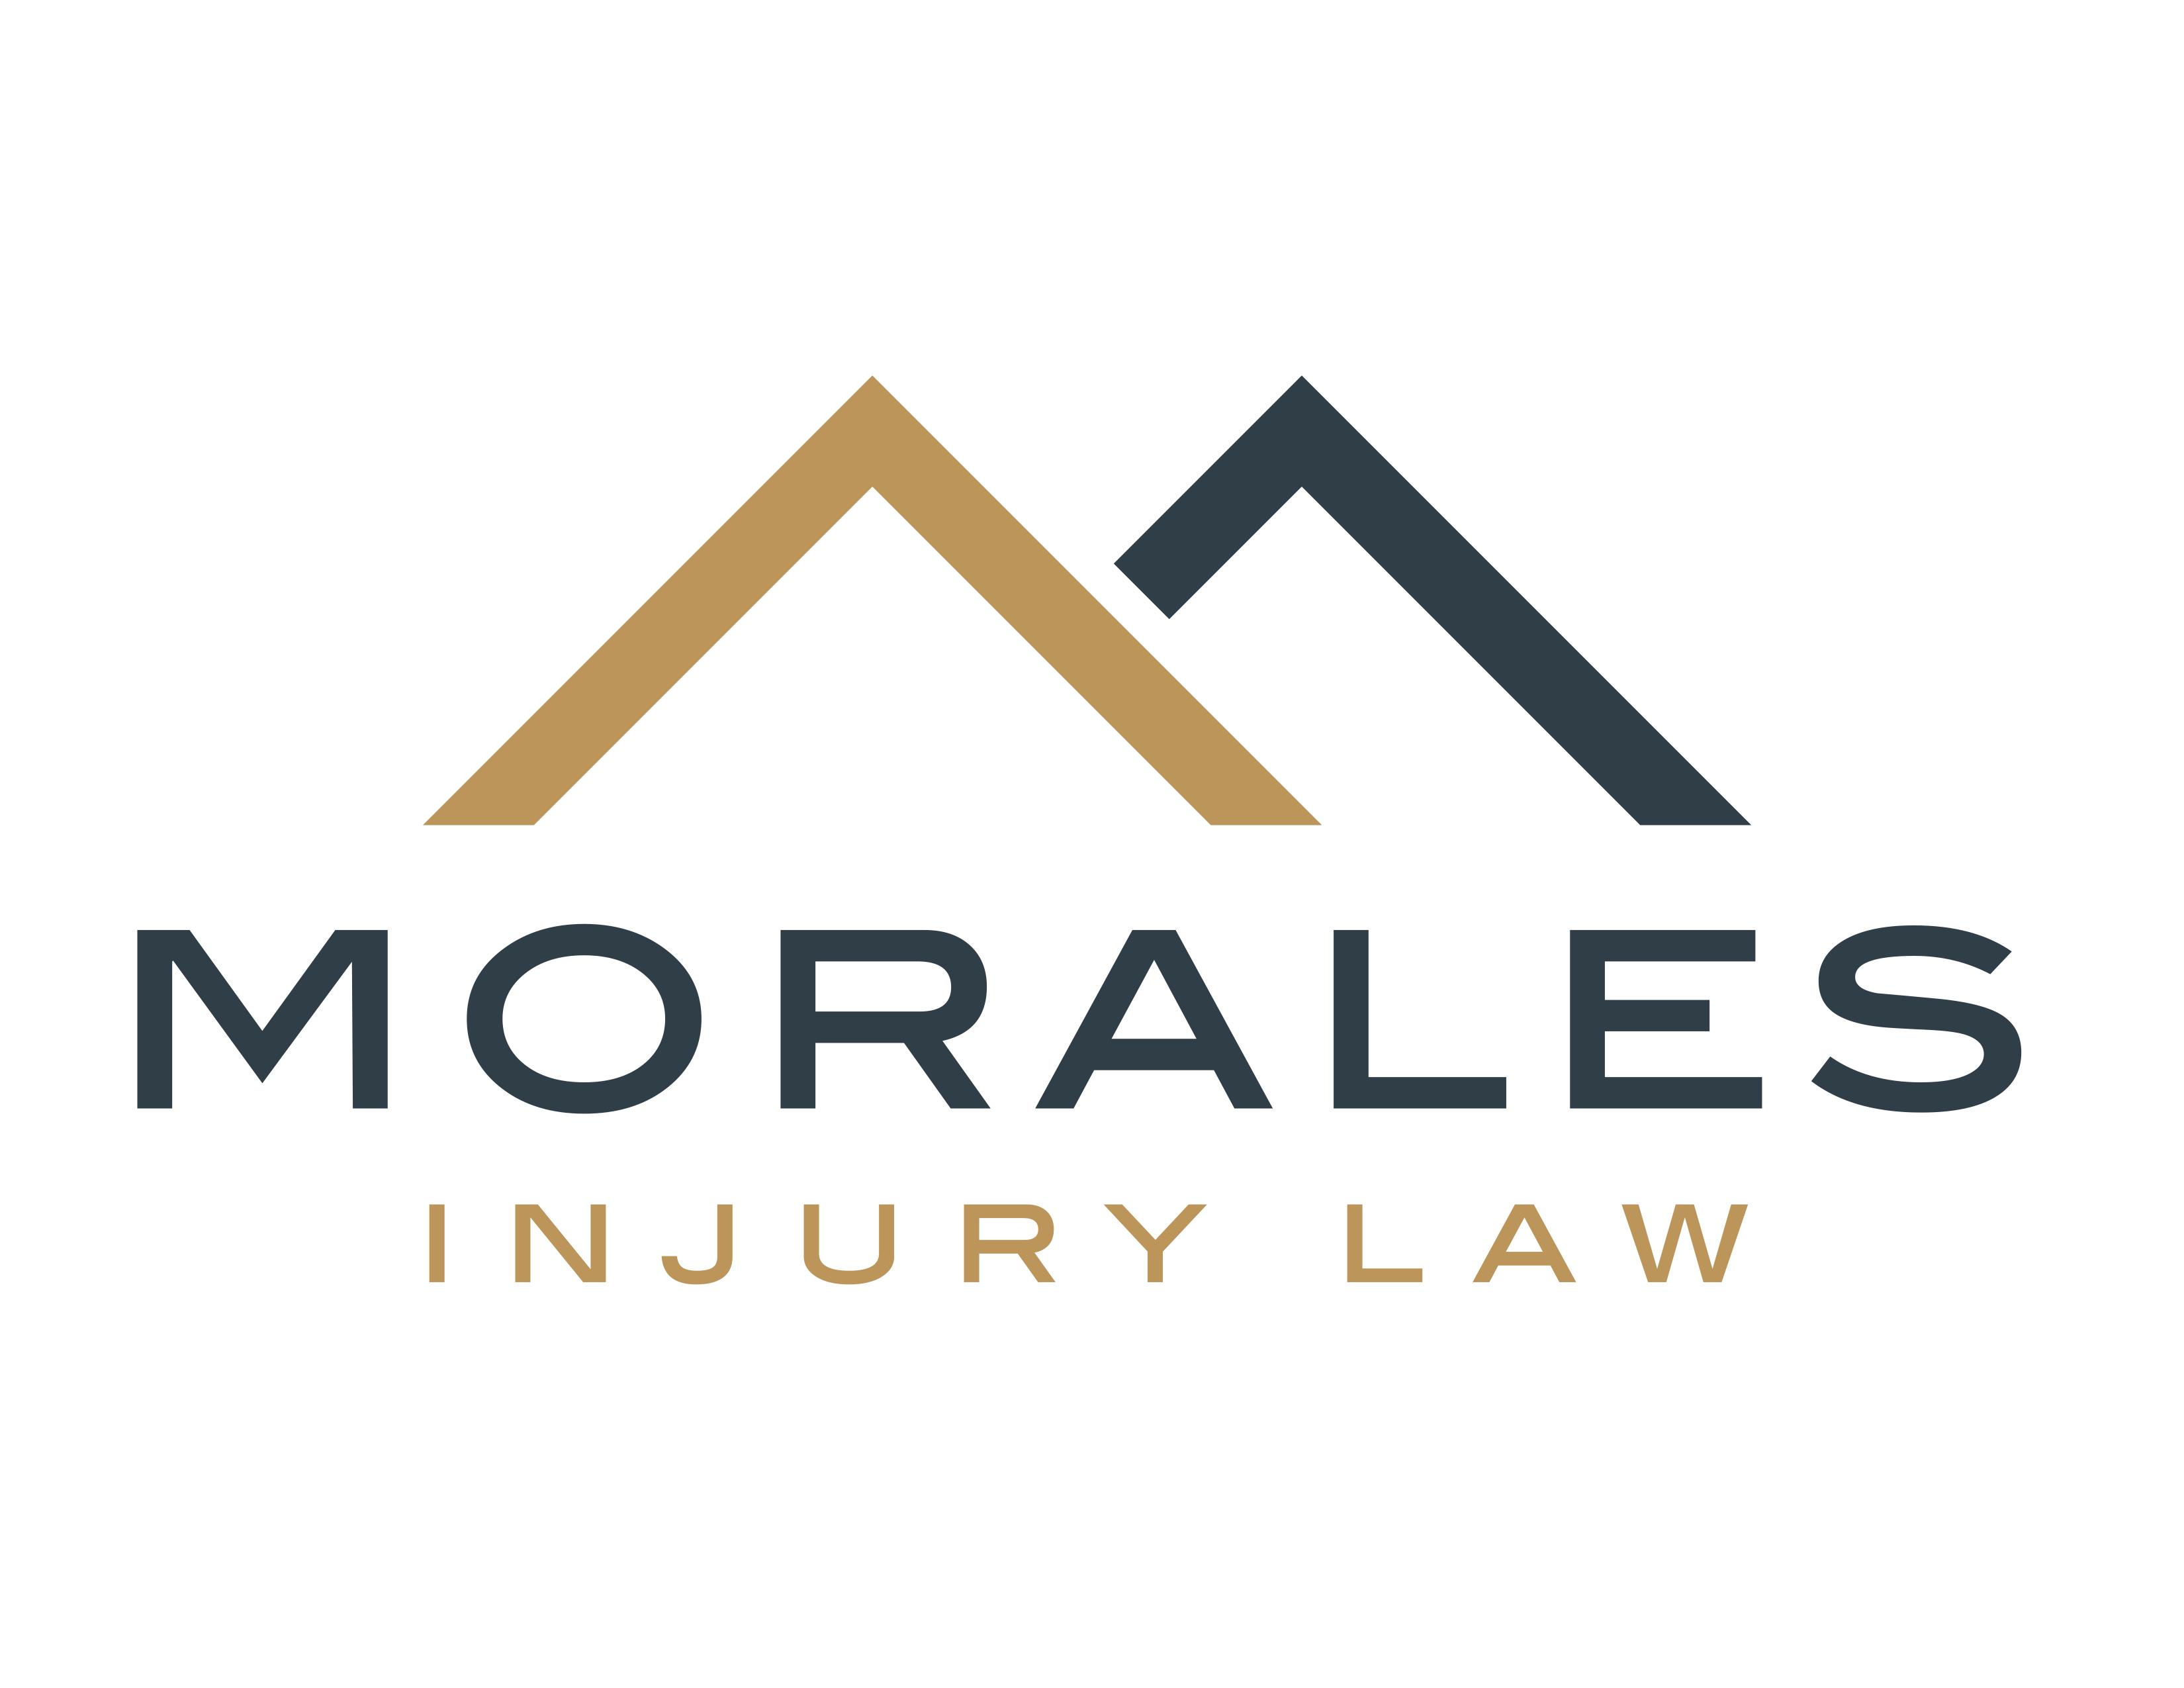 Morales Injury Law